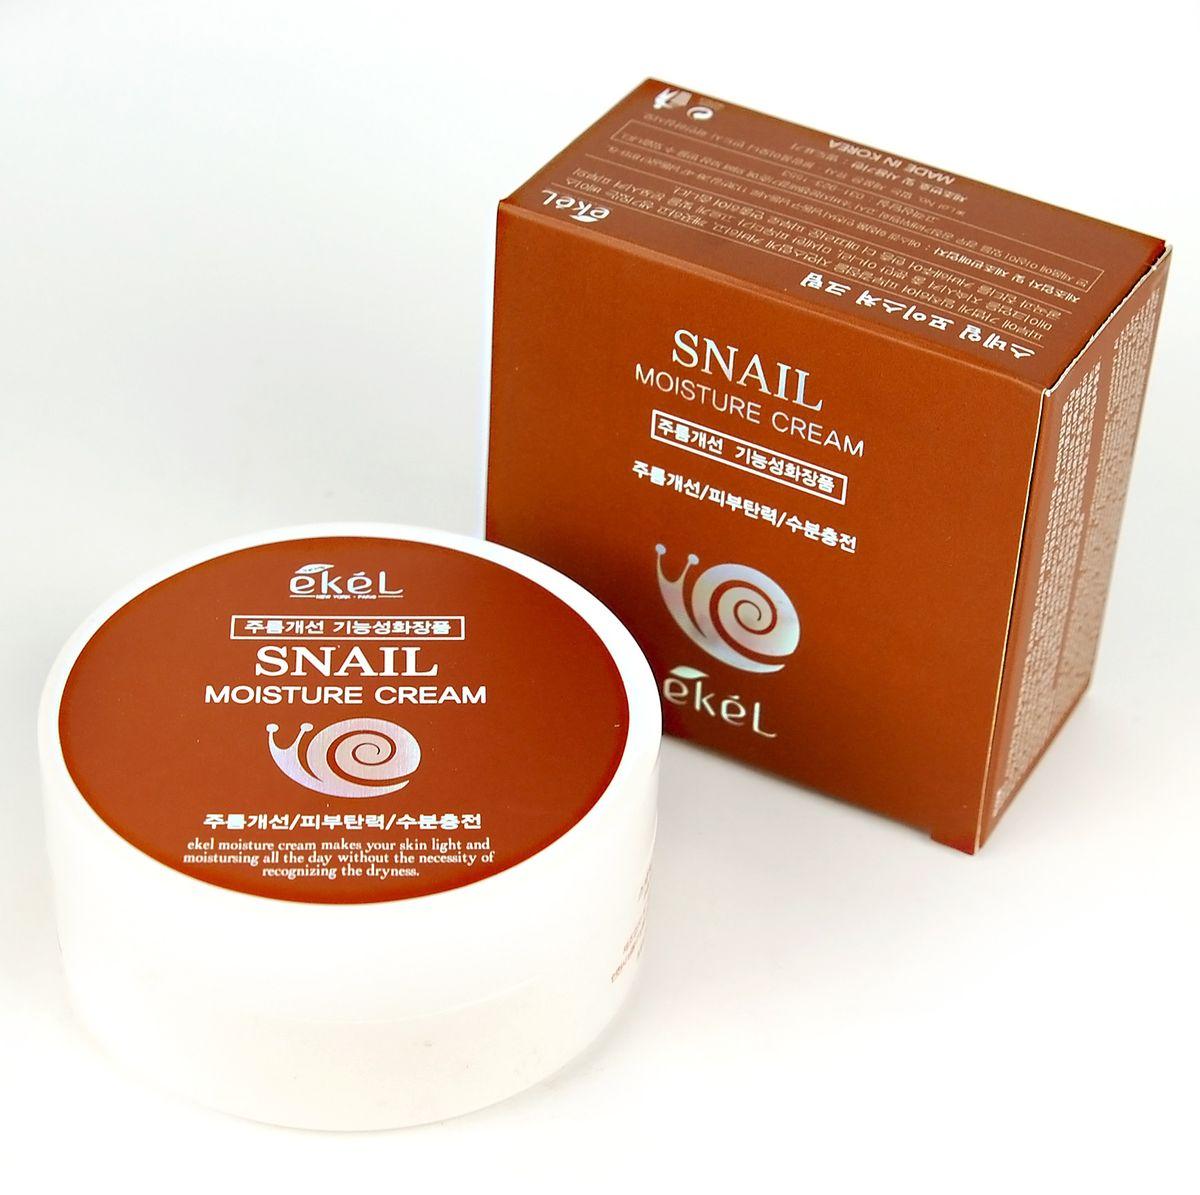 Ekel Увлажняющий крем с муцином улитки, 100 мл537221Высокая концентрация полезных для кожи веществ в креме с улиточным муцином сделает вашу кожу гладкой, шелковистой и упругой. Фильтрат секреции улитки решает ряд проблем разных типов кожи. Снижает жирность, предотвращает появление блеска.Увлажняет и питает сухую кожу, насыщая ее влагой, придавая упругости и тонуса. Увядающей коже помогает бороться с признаками усталости, разглаживает мелкие морщинки, придает свежий и отдохнувший вид. Крем с улиточным муцином обладает плотной консистенцией, хорошо распределяется по коже, быстро впитывается, не оставляя жирной пленки. Крем питает и увлажняет, борется с возрастными изменениями кожи, создает защитный барьер, препятствующий обветриванию, ожогам и прочим неблагоприятным воздействиям окружающей среды.